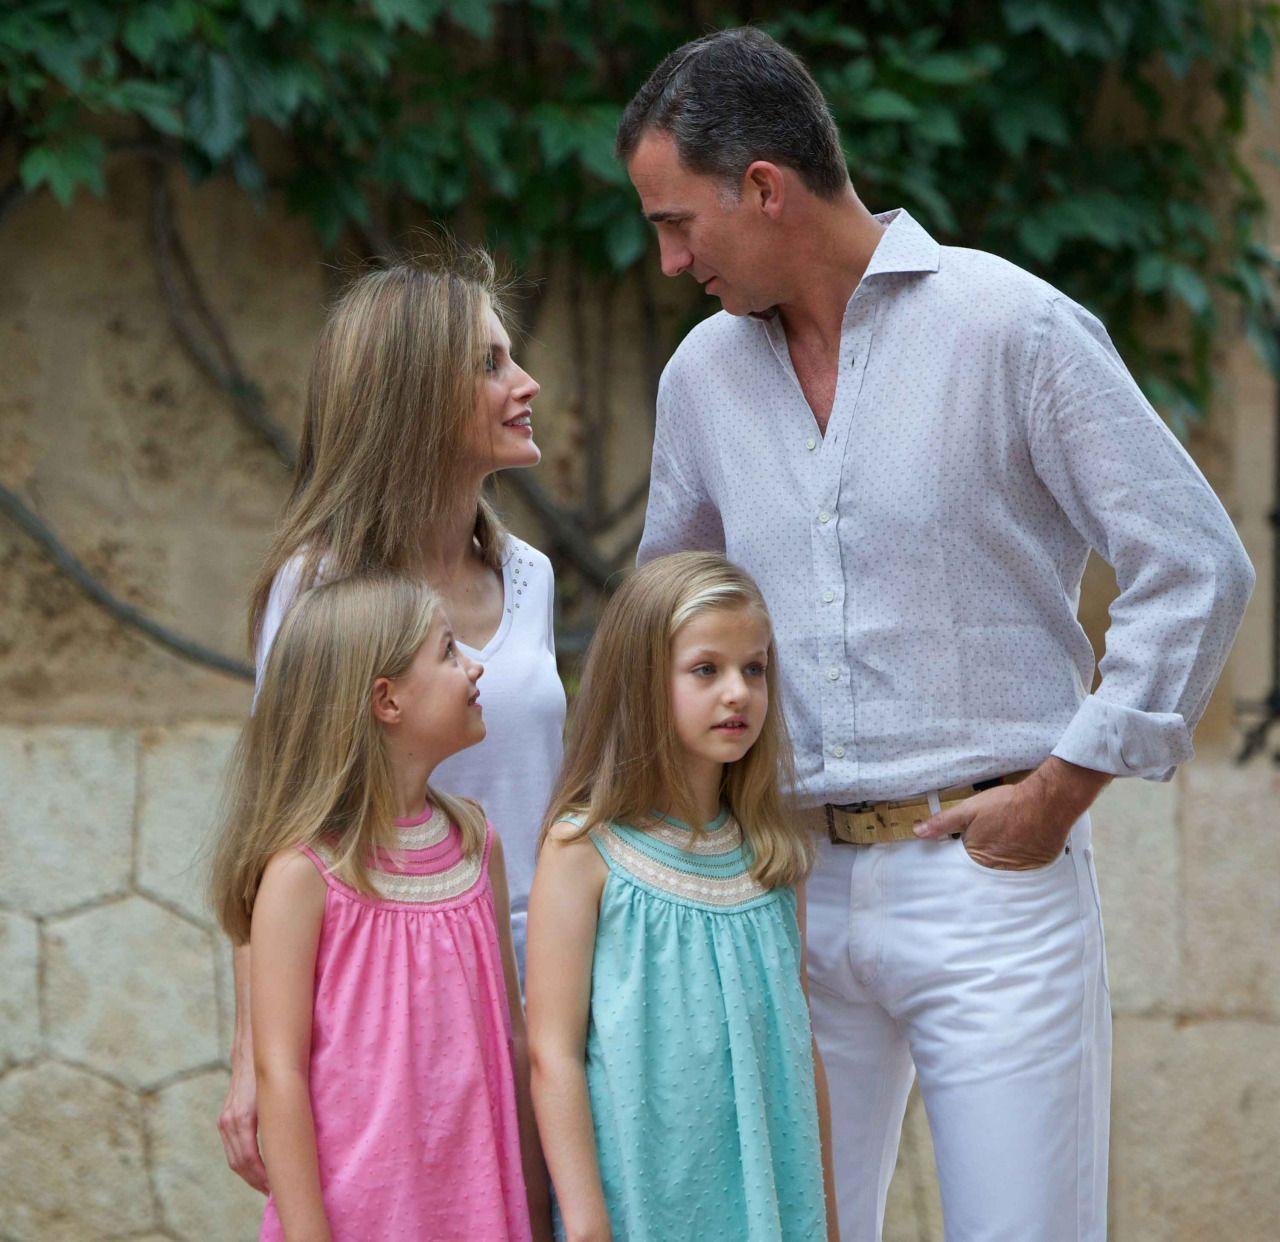 Nadie sabe dónde están ahora los Reyes Felipe VI y Letizia.Por fin han logrado irse de vacaciones unos días con sus hijas. De vacaciones secretas. Sin que puedan descubrirles los paparazis. Como siempre. Como le gusta a doña Letizia.